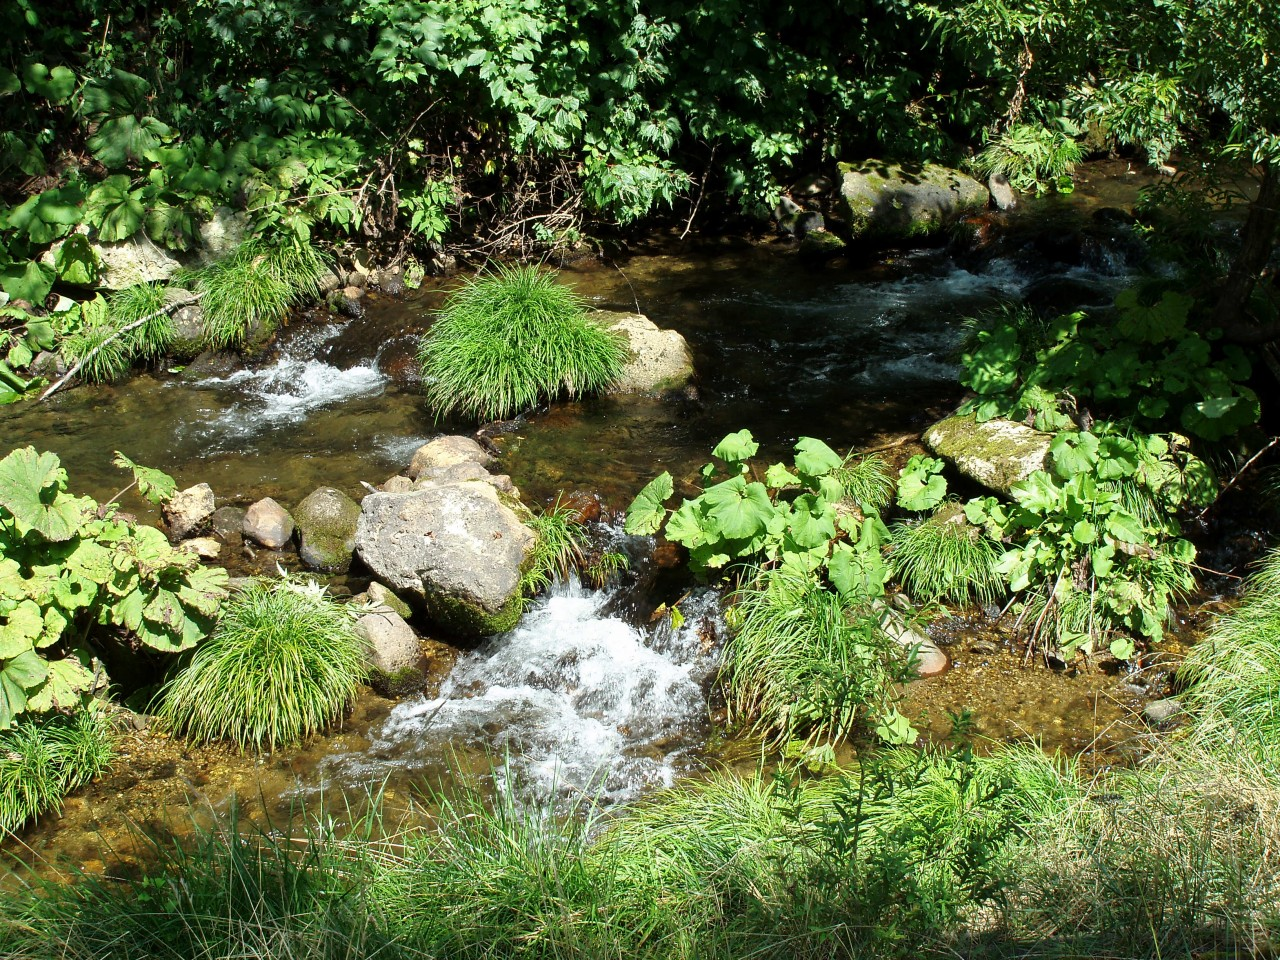 青森 津軽 平川市 津苅川 風景 イワナ キャンプ 自然